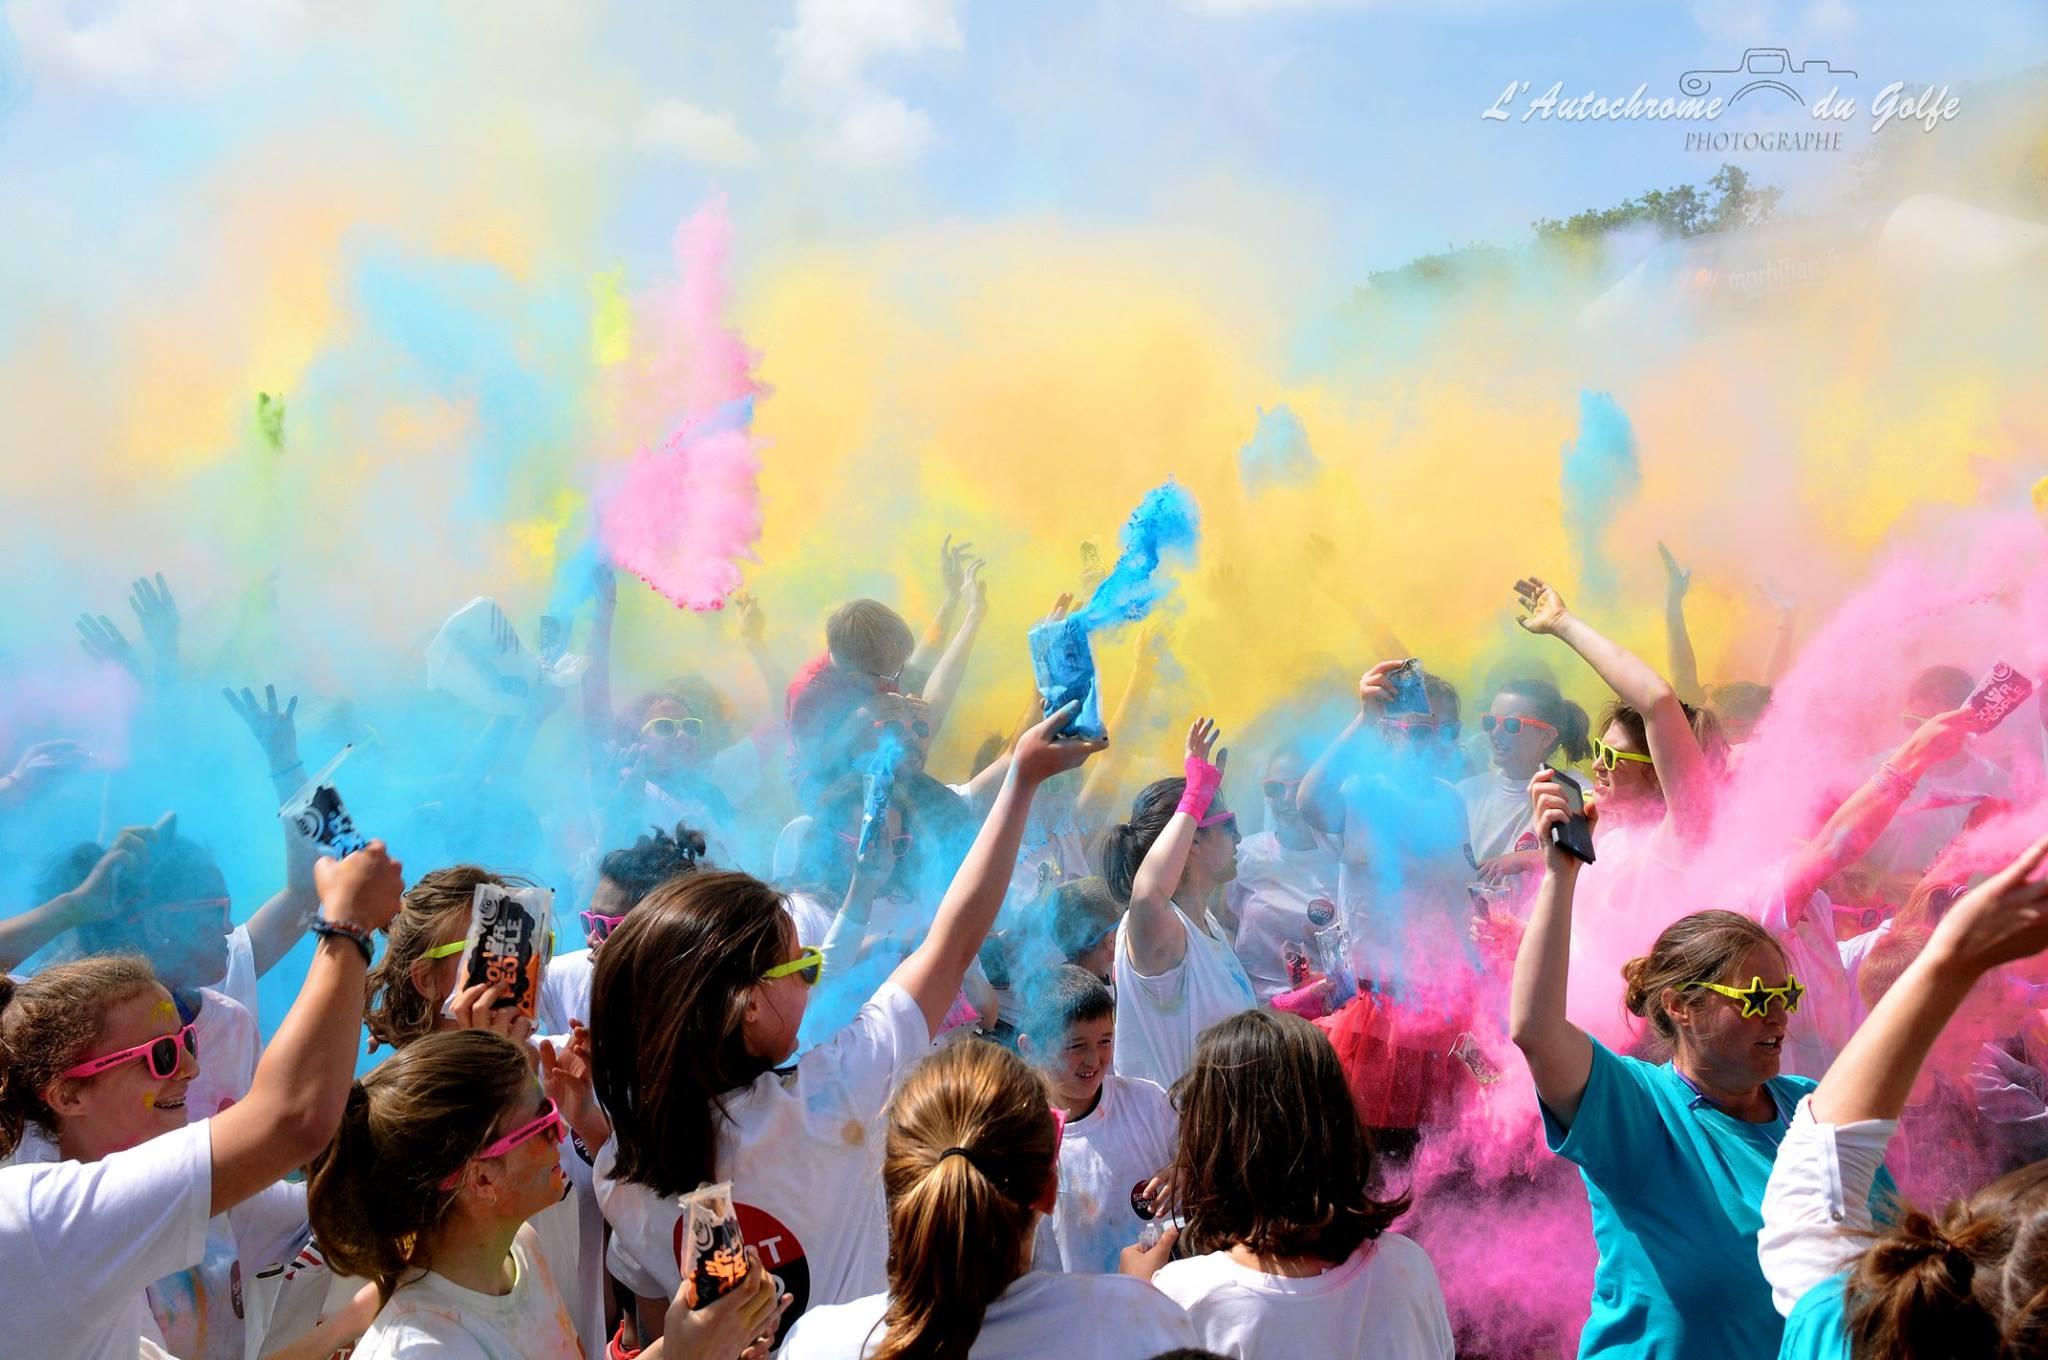 La Baden Color Race